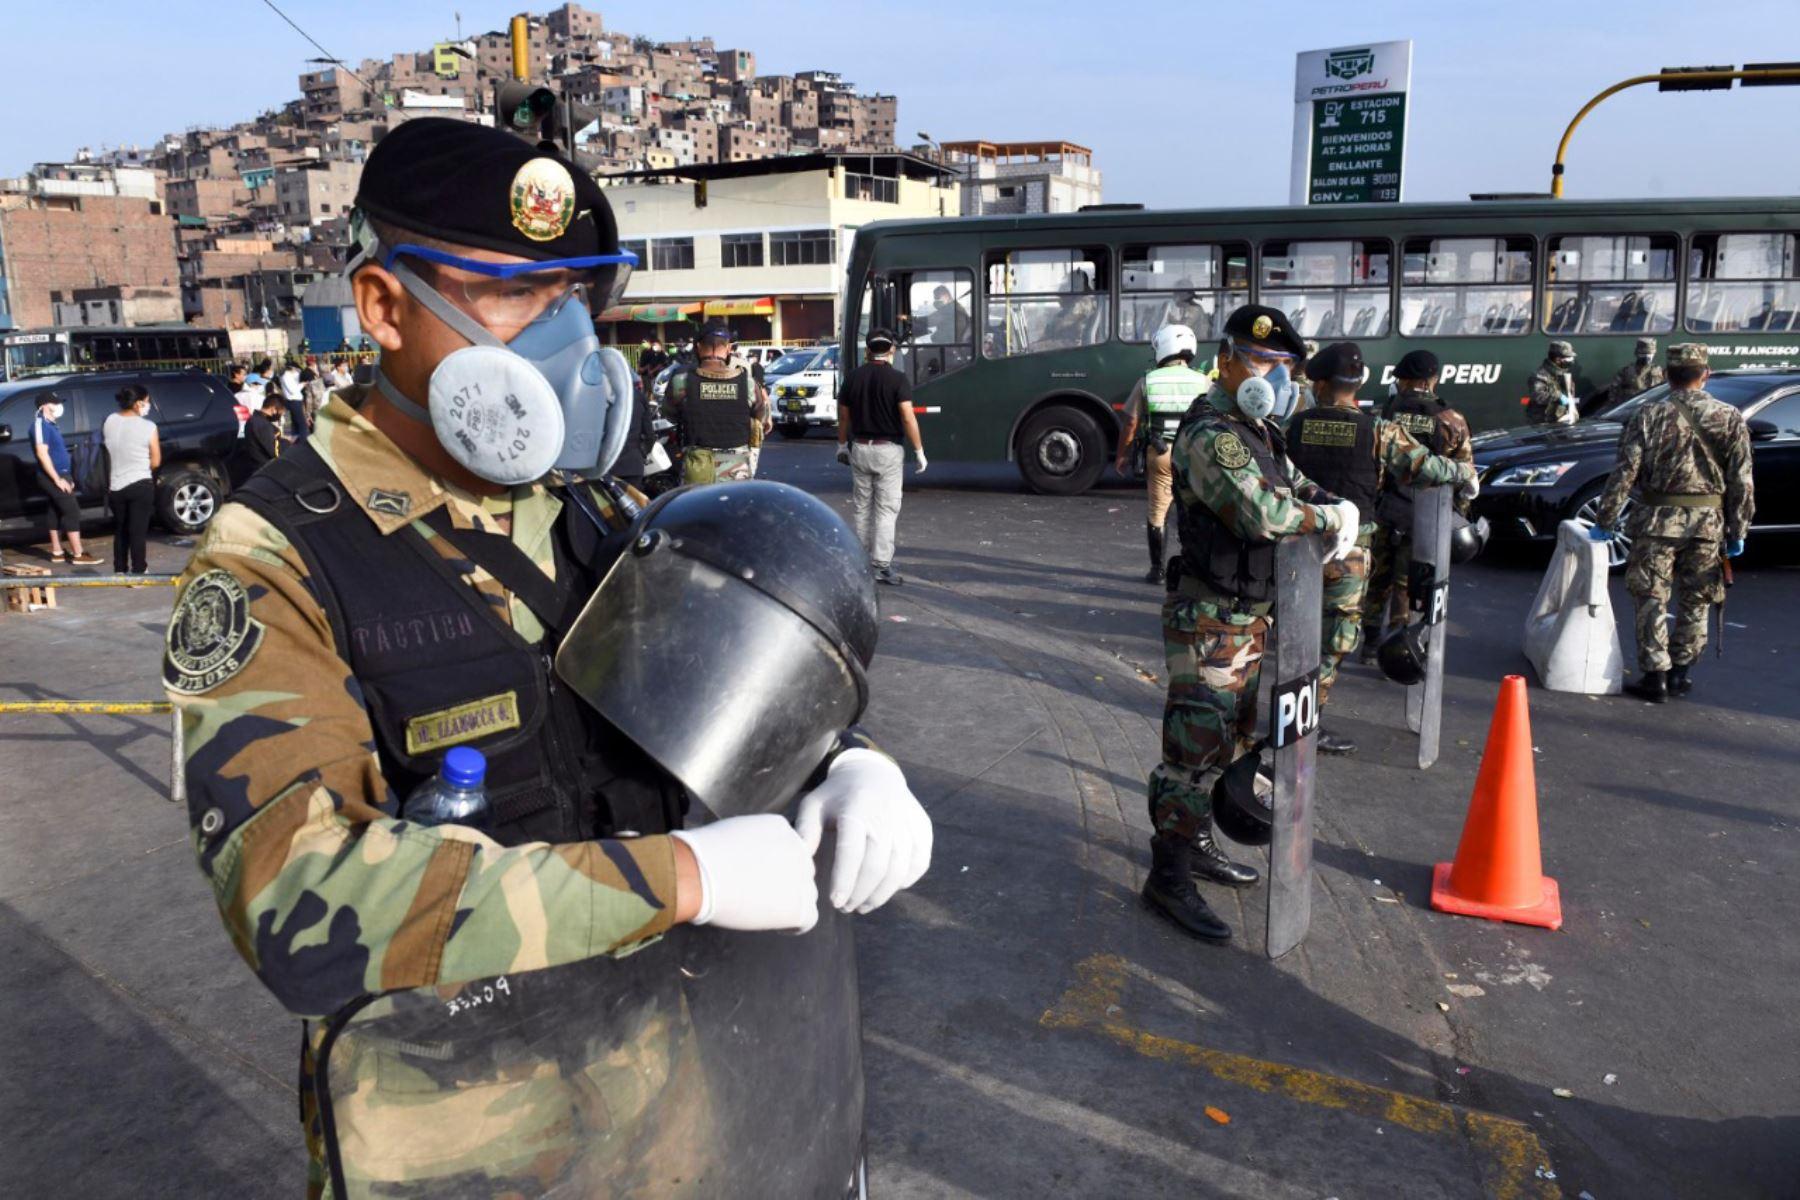 Ministro de Interior GastónRodríguez: Se establecerá el servicio policial militar en el Mercado Mayorista de Frutas con 100 policías de manera permanente en toda la zona de acción y este trabajo será replicado a nivel nacional. Foto:@MininterPeru.